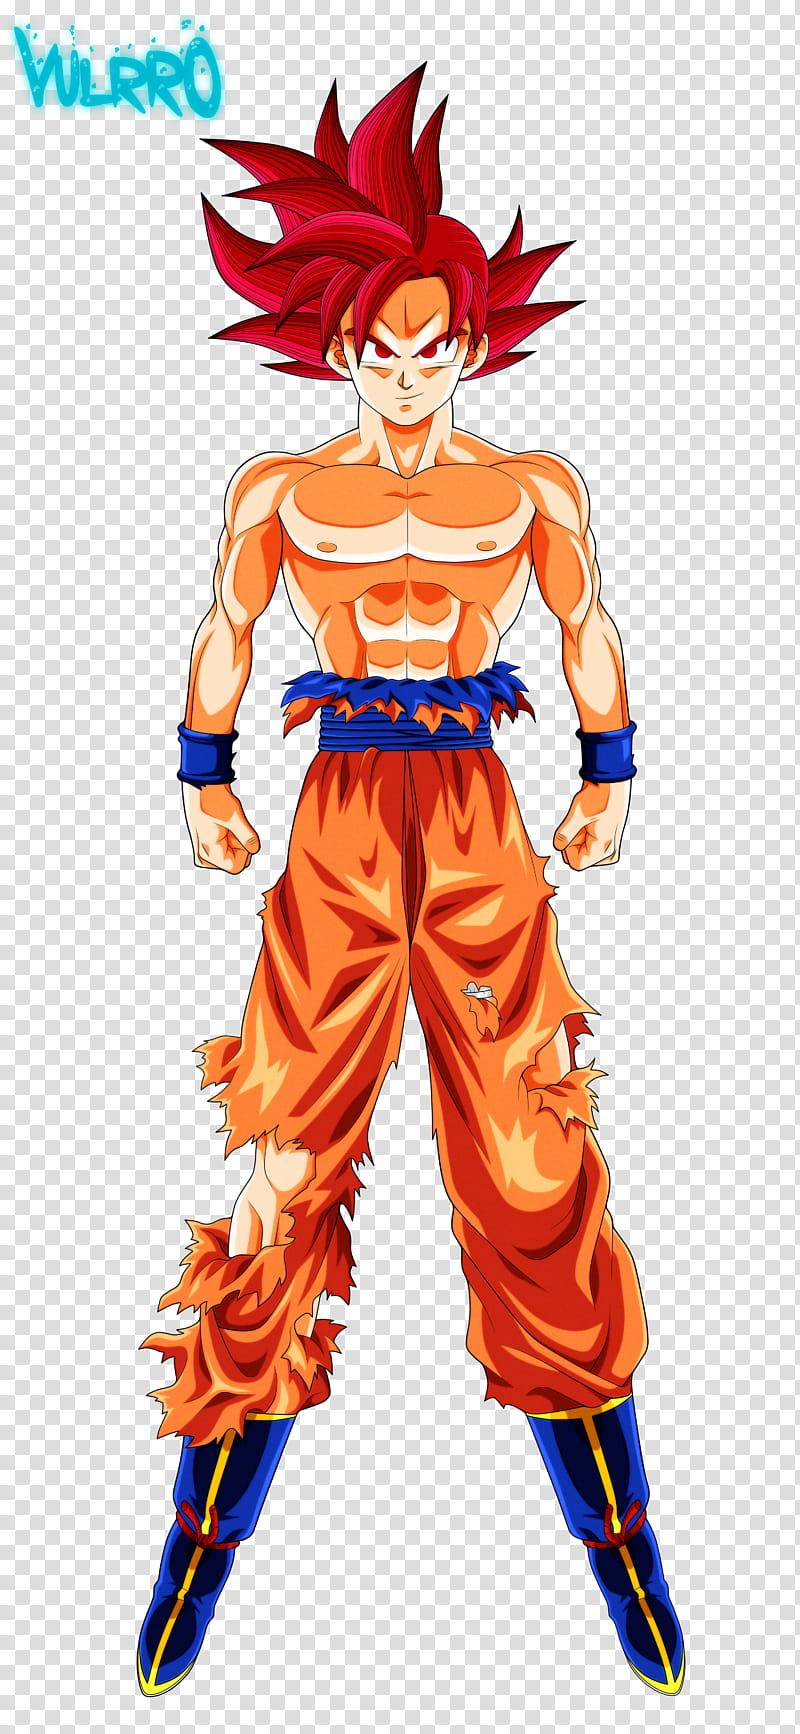 Goku Super Saiyajin Dios transparent background PNG clipart.